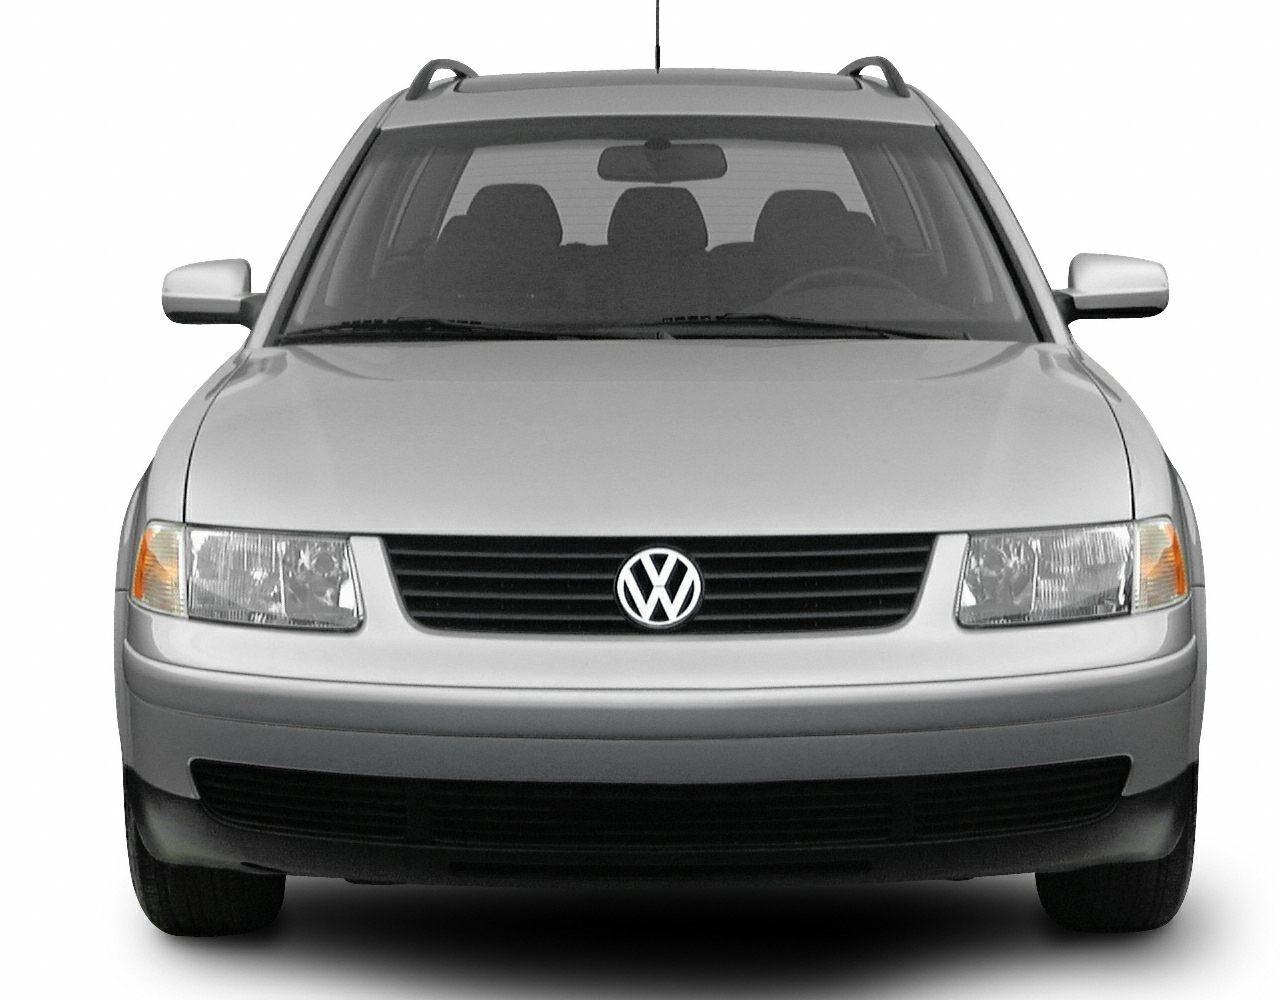 2000 Volkswagen Passat Exterior Photo